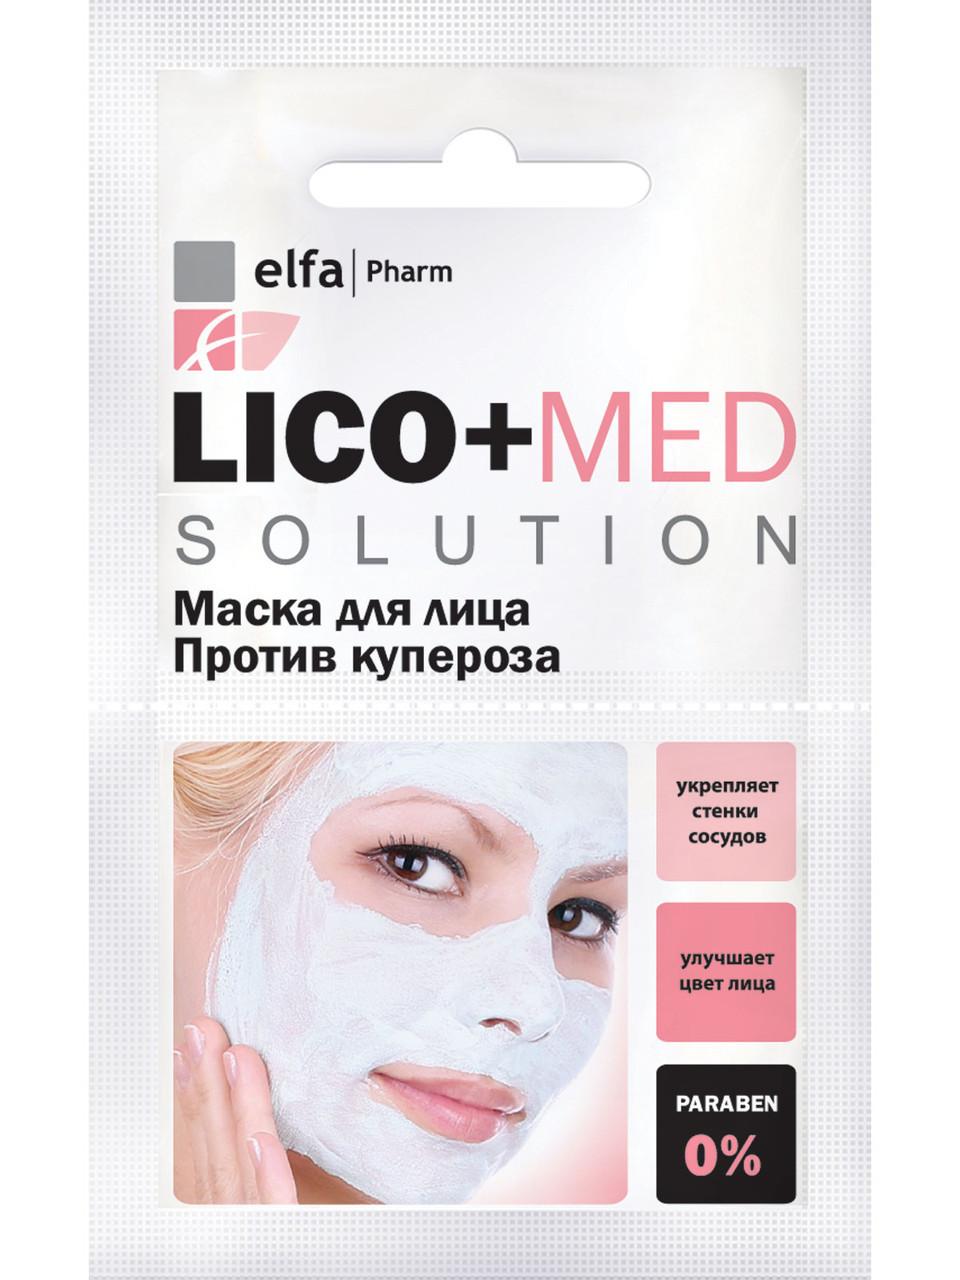 Лечебная косметика для лица: что выбрать для проблемной кожи, от прыщей и купероза